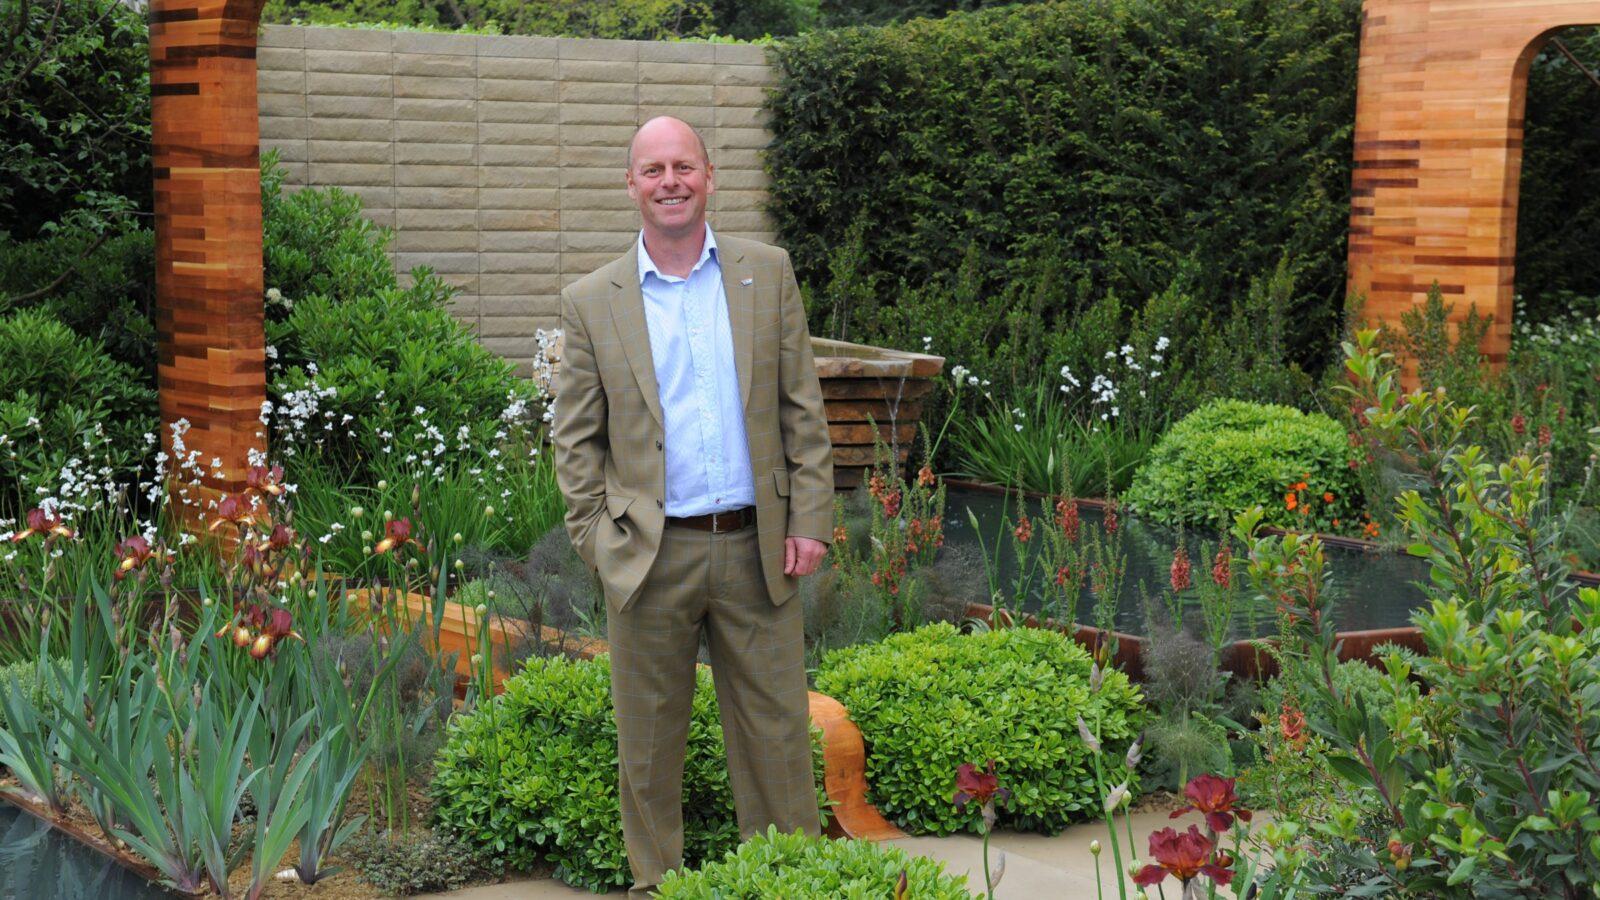 A Gardeners' World